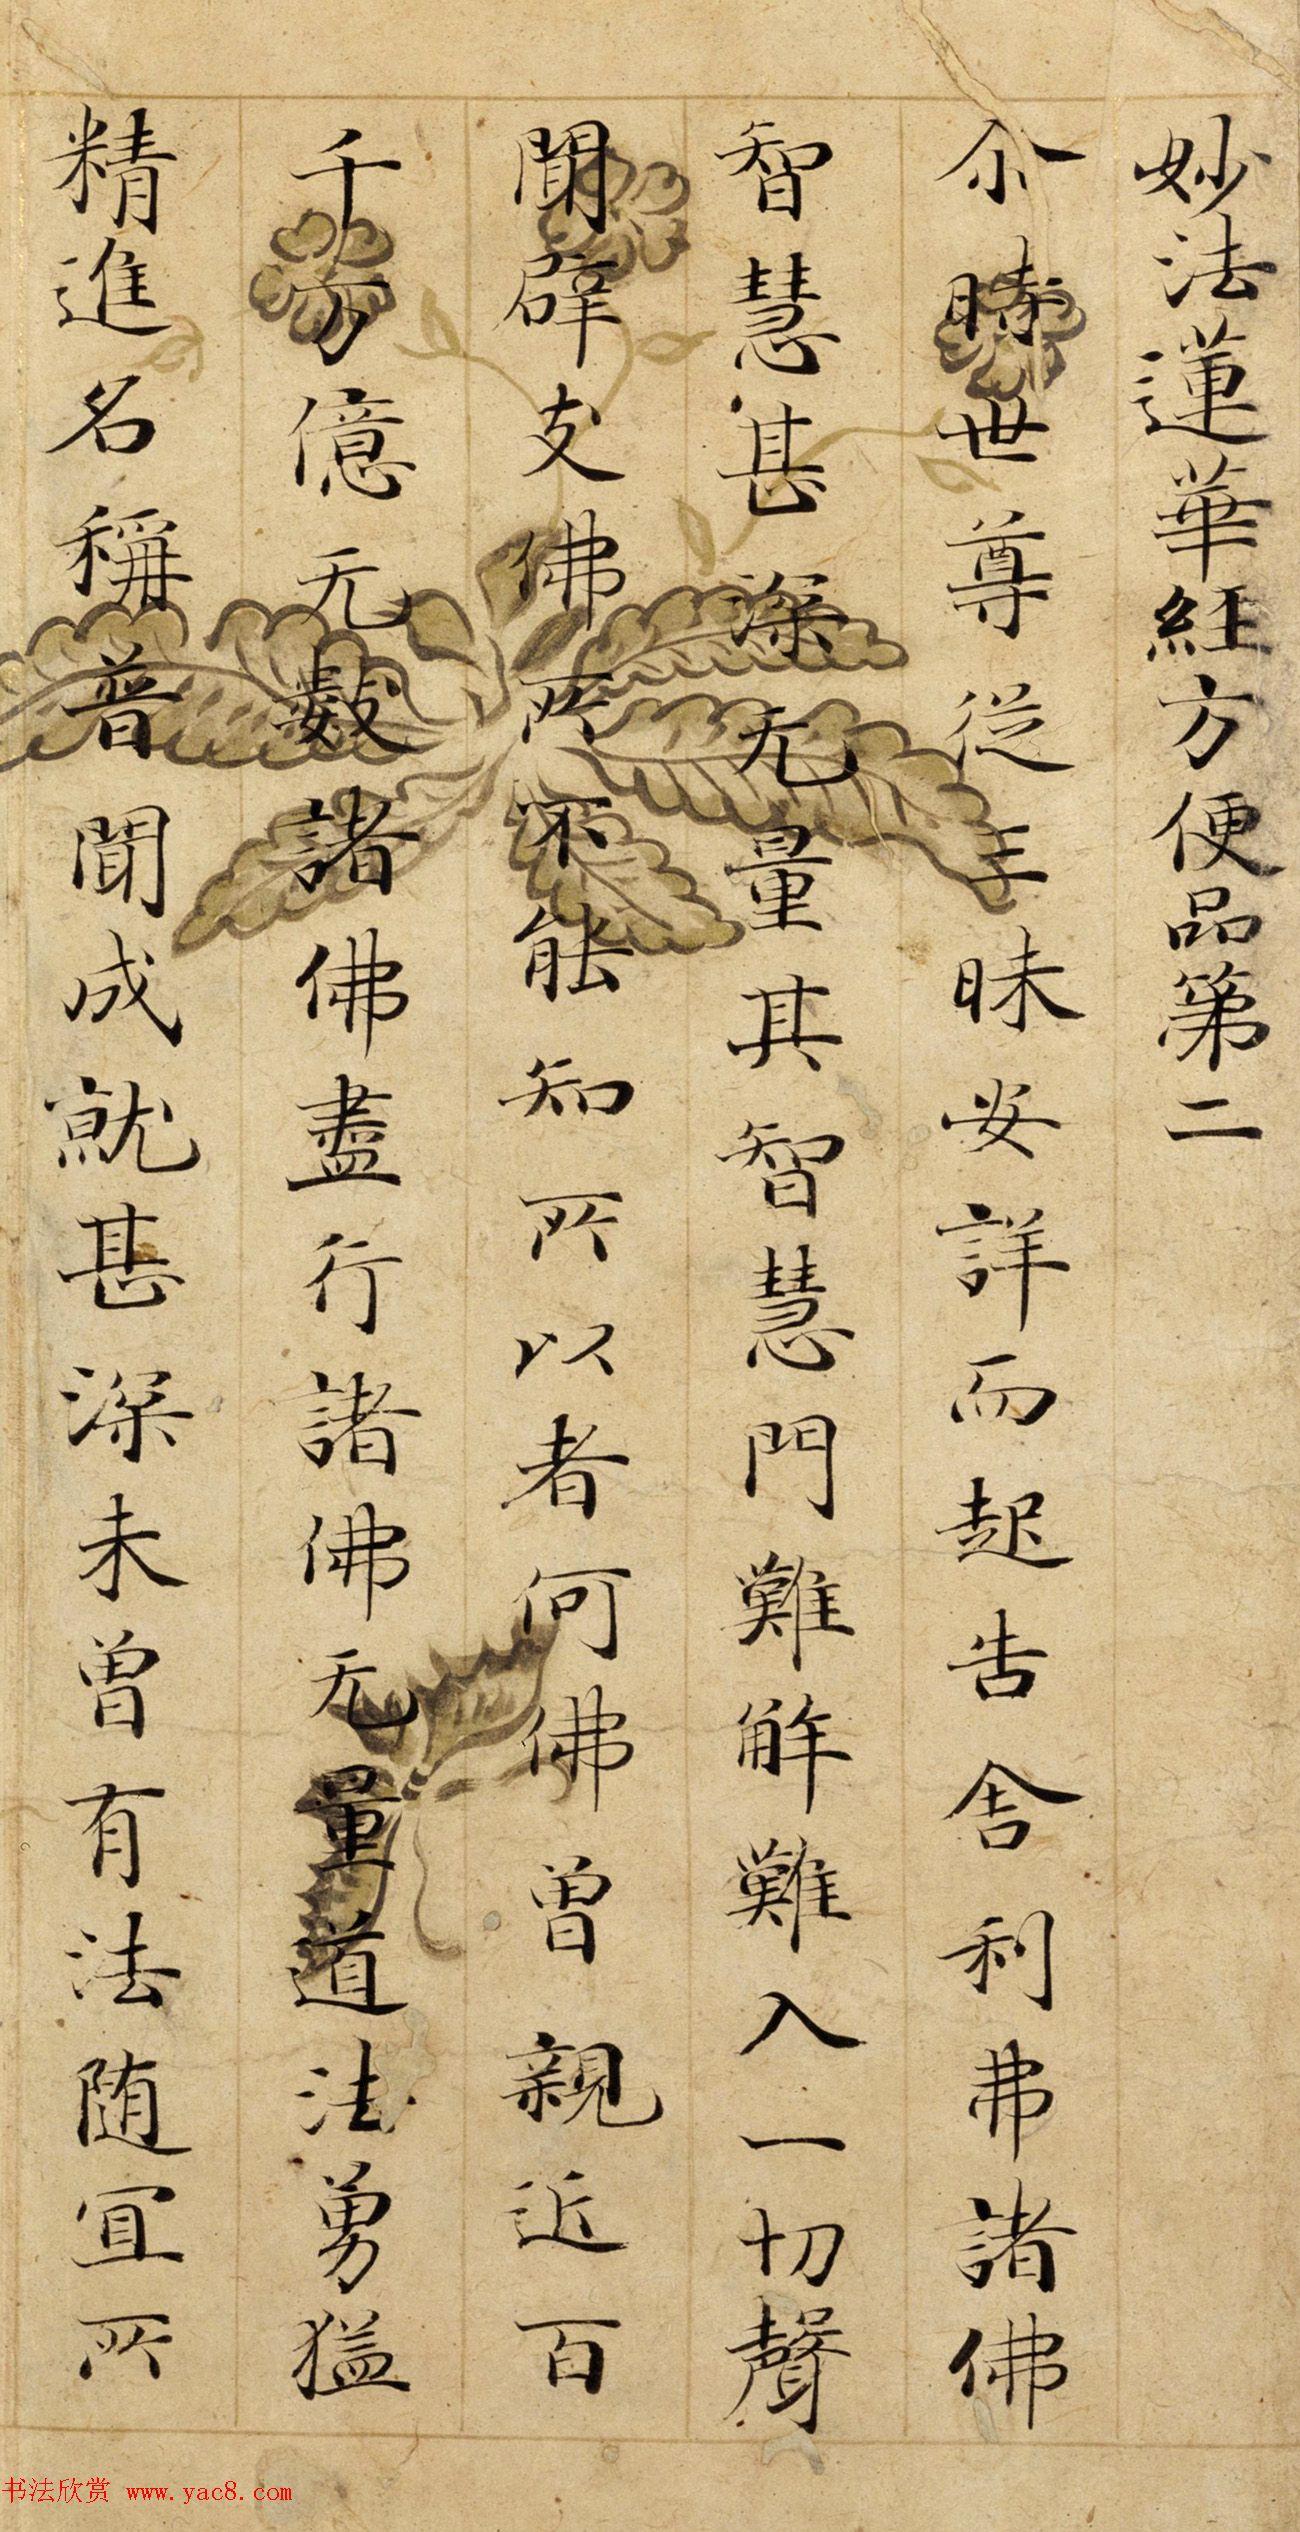 日本平安时代楷书《竹生岛经》